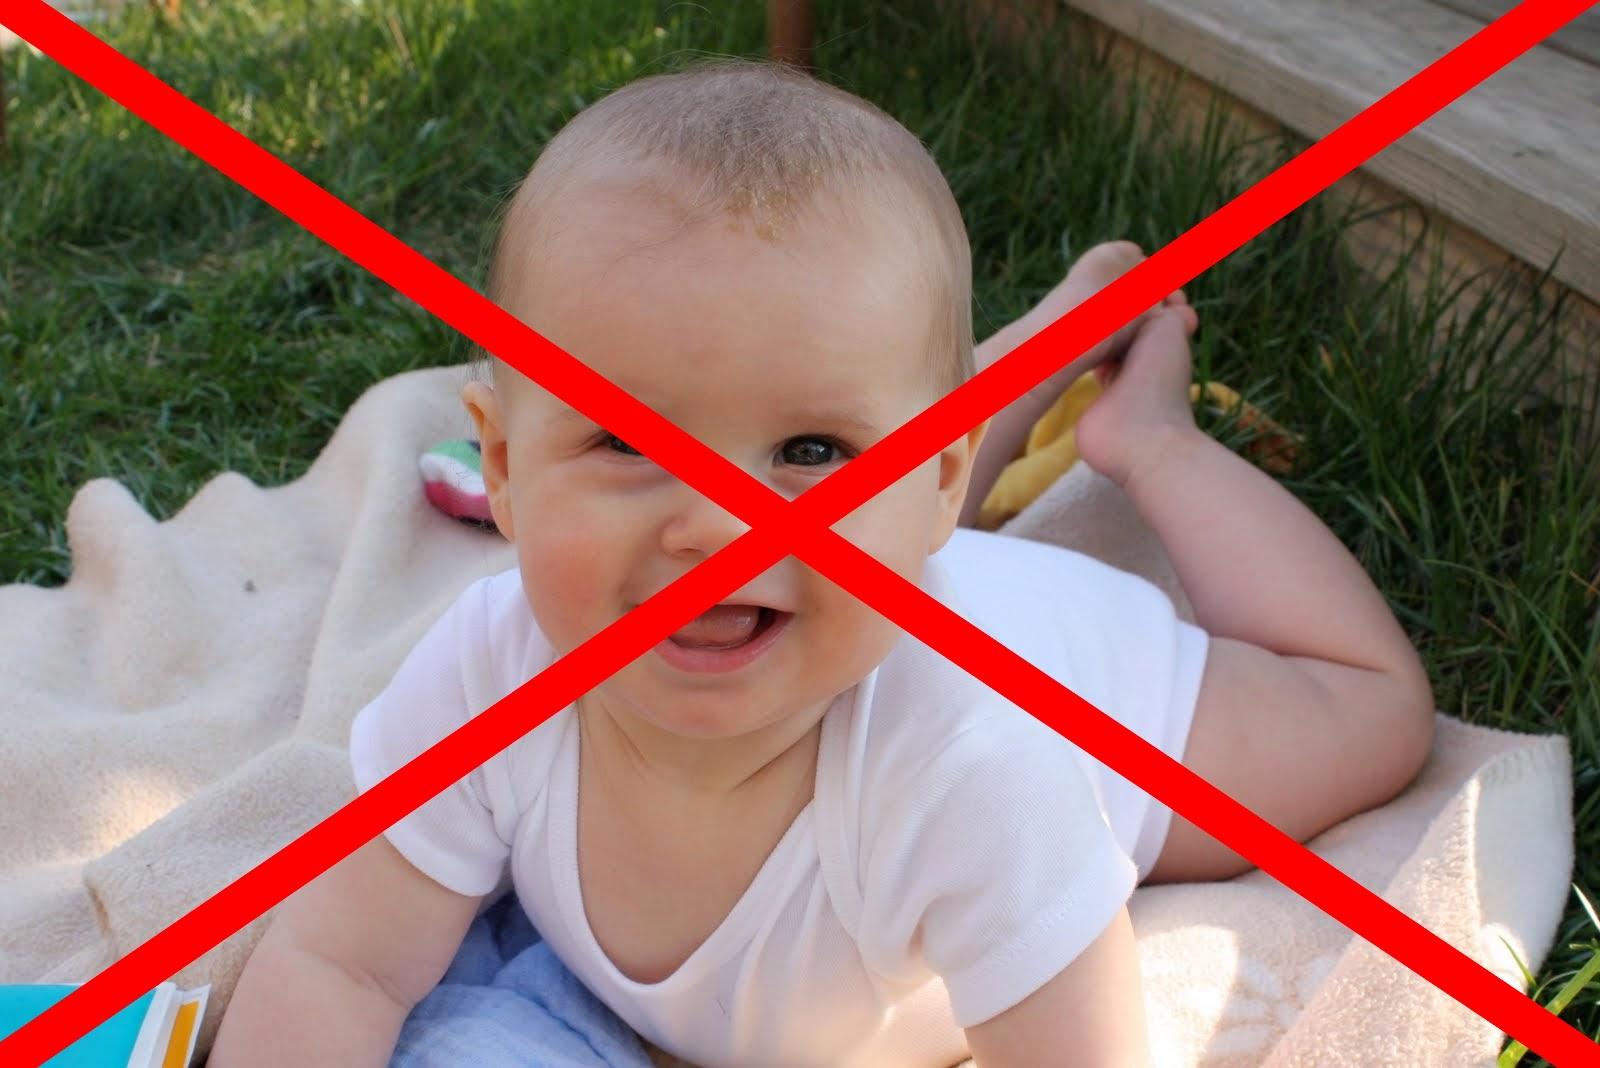 sürekli kısır olmak çocuk sahibi olamamak